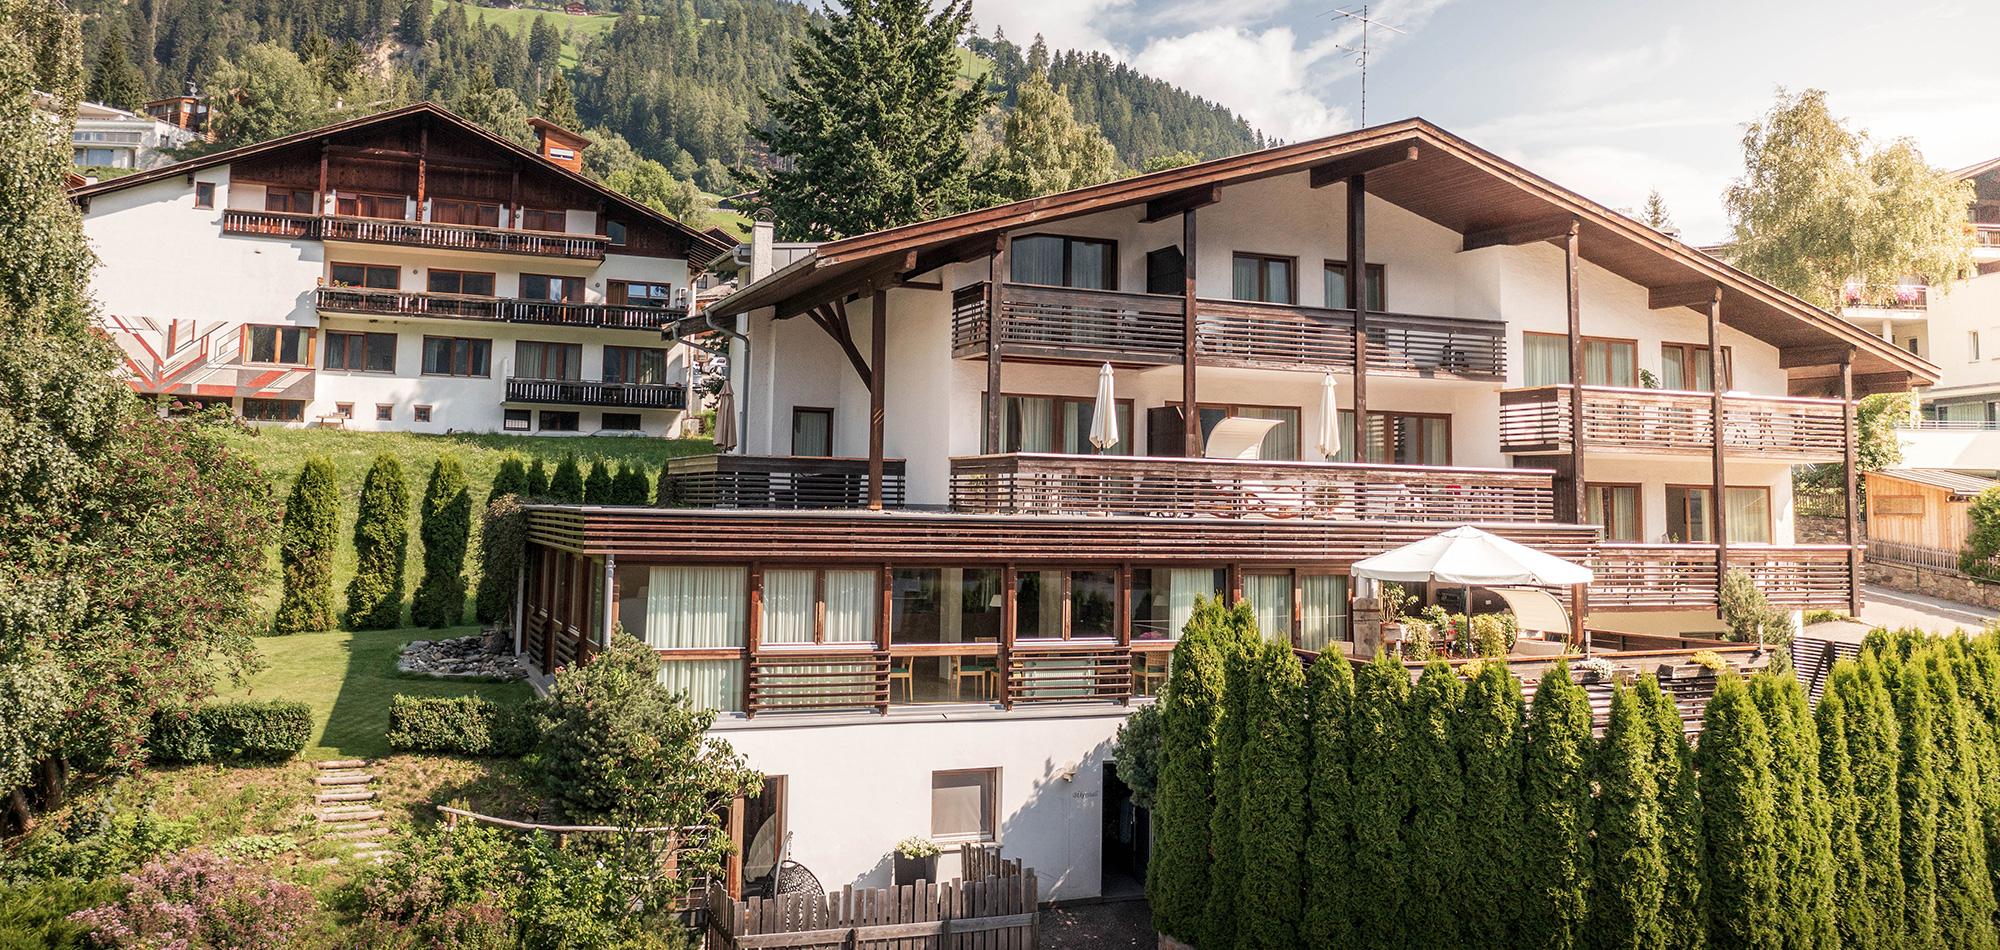 Pöder daheim in den Bergen Ultental Südtirol